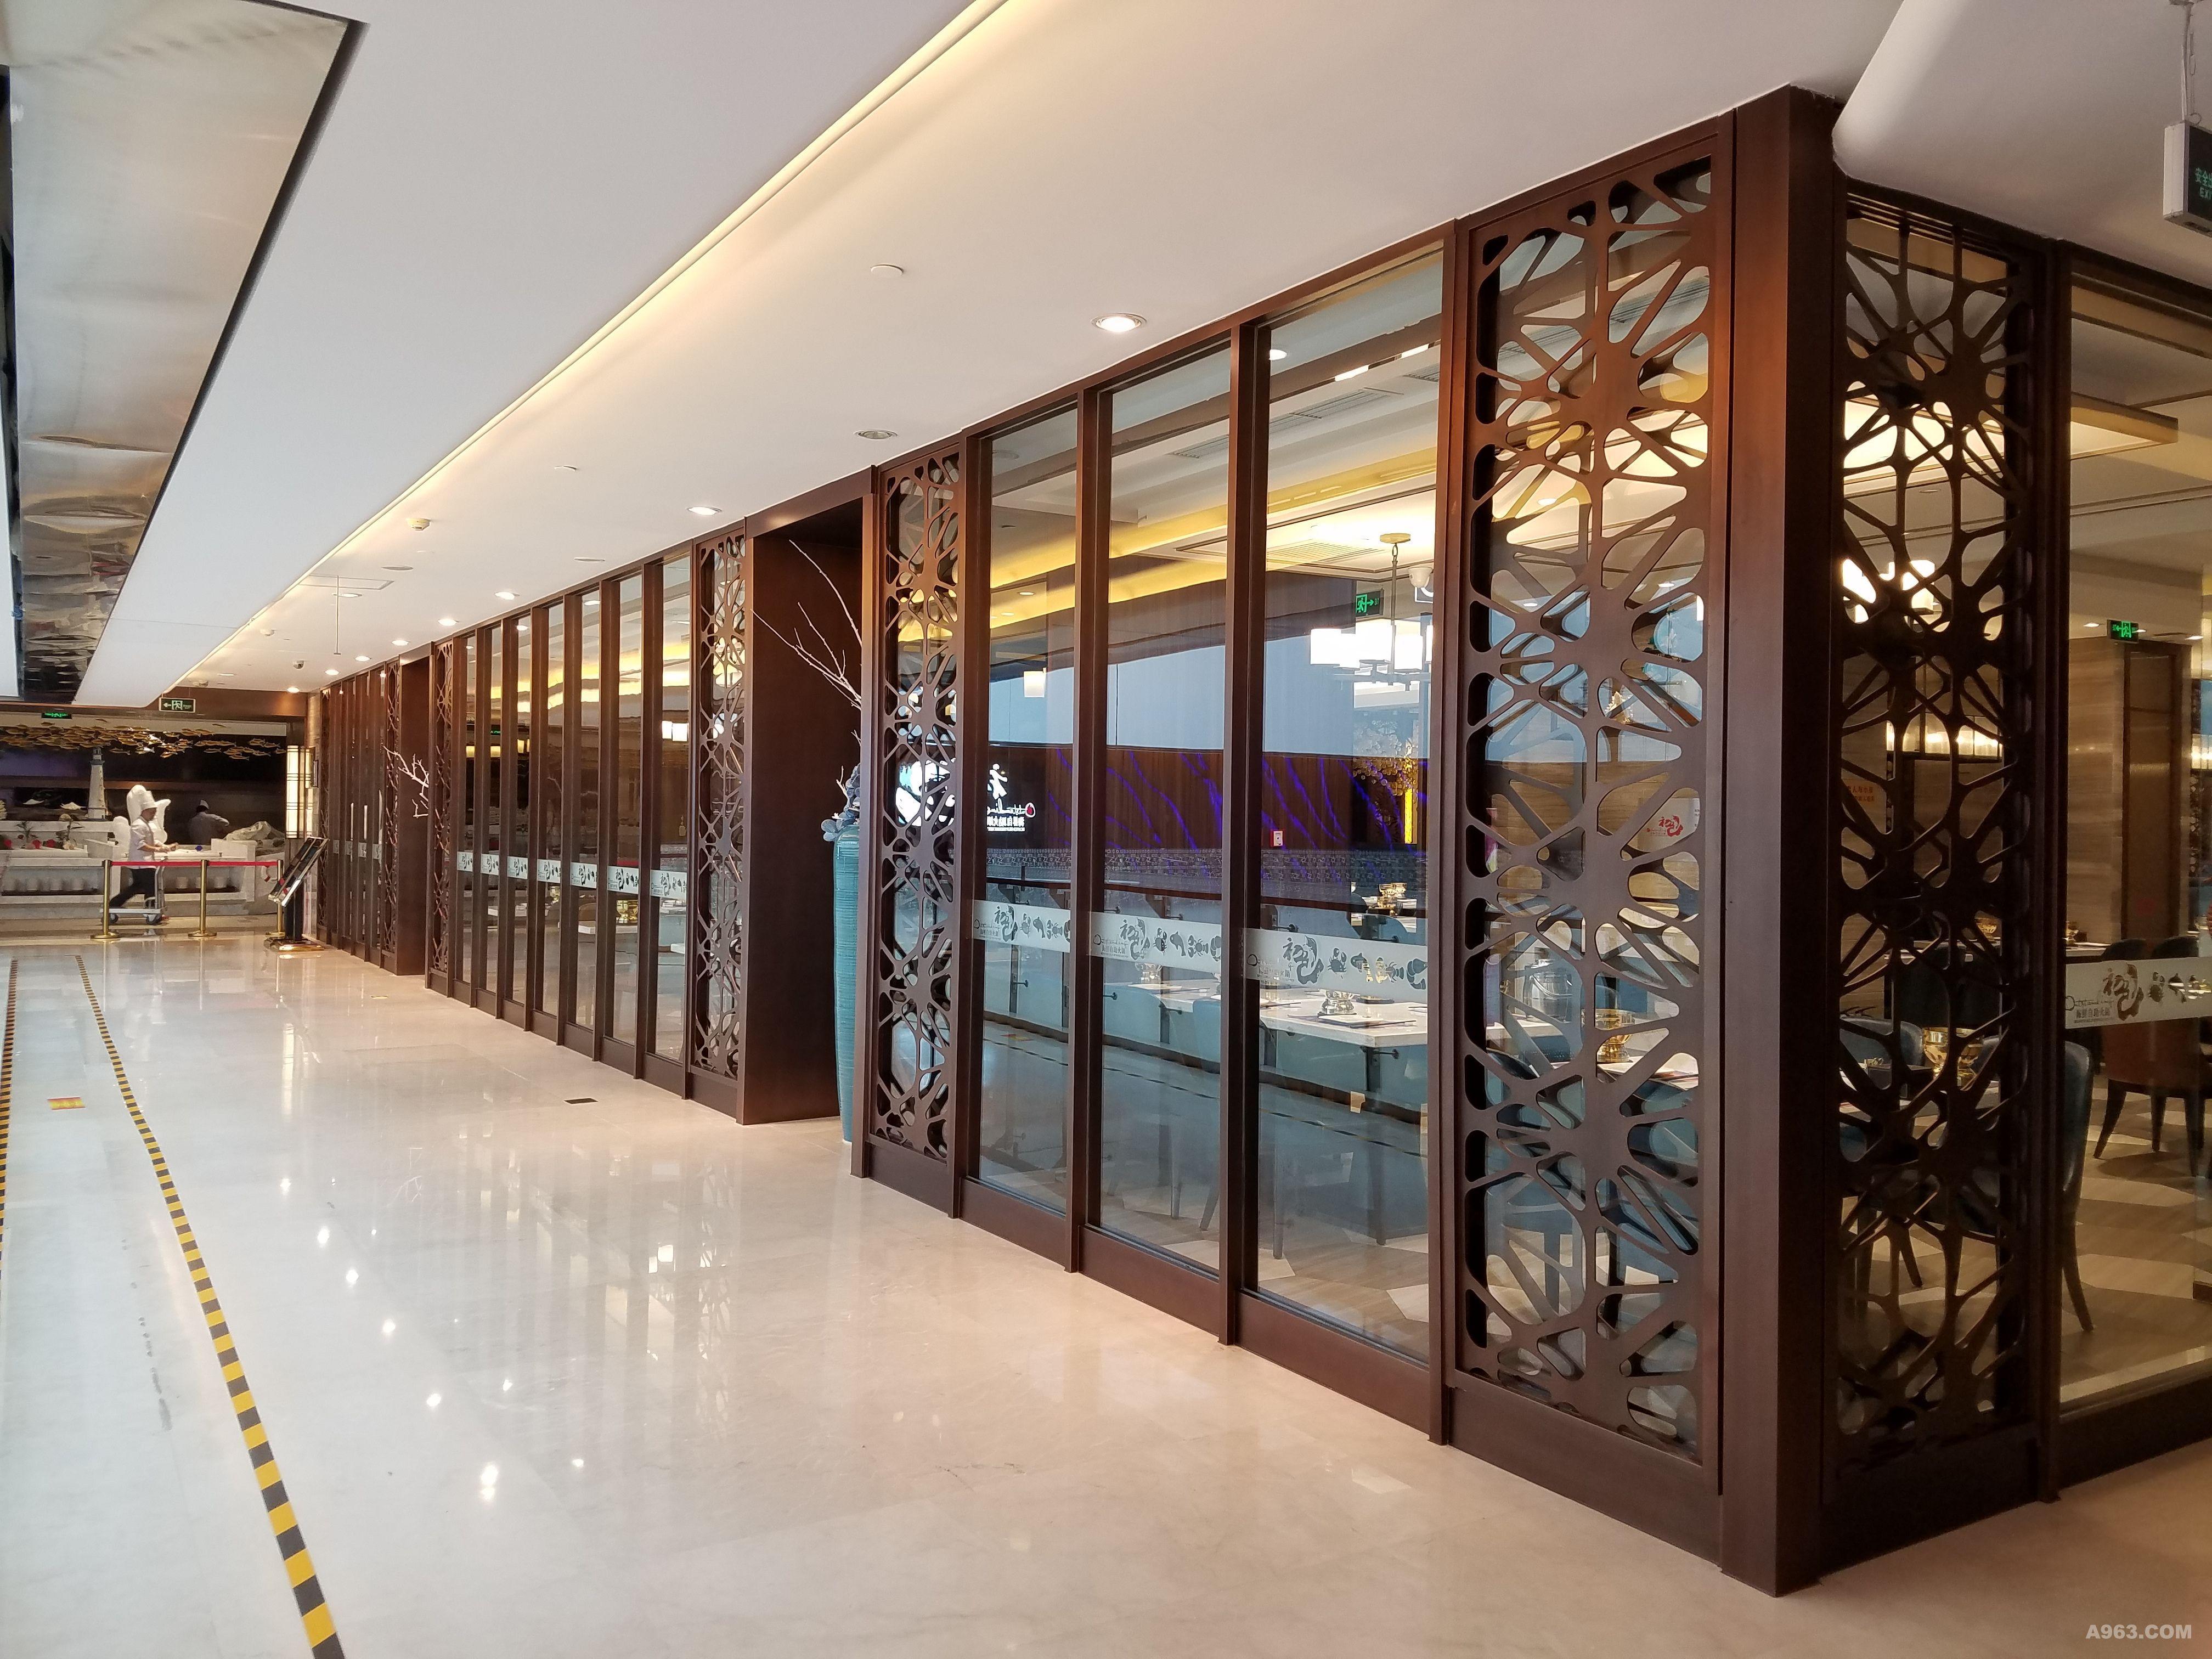 该区域预留大面积透明客人,吸引玻璃中厅过来的美食.太阴师阴阳卡商场图片